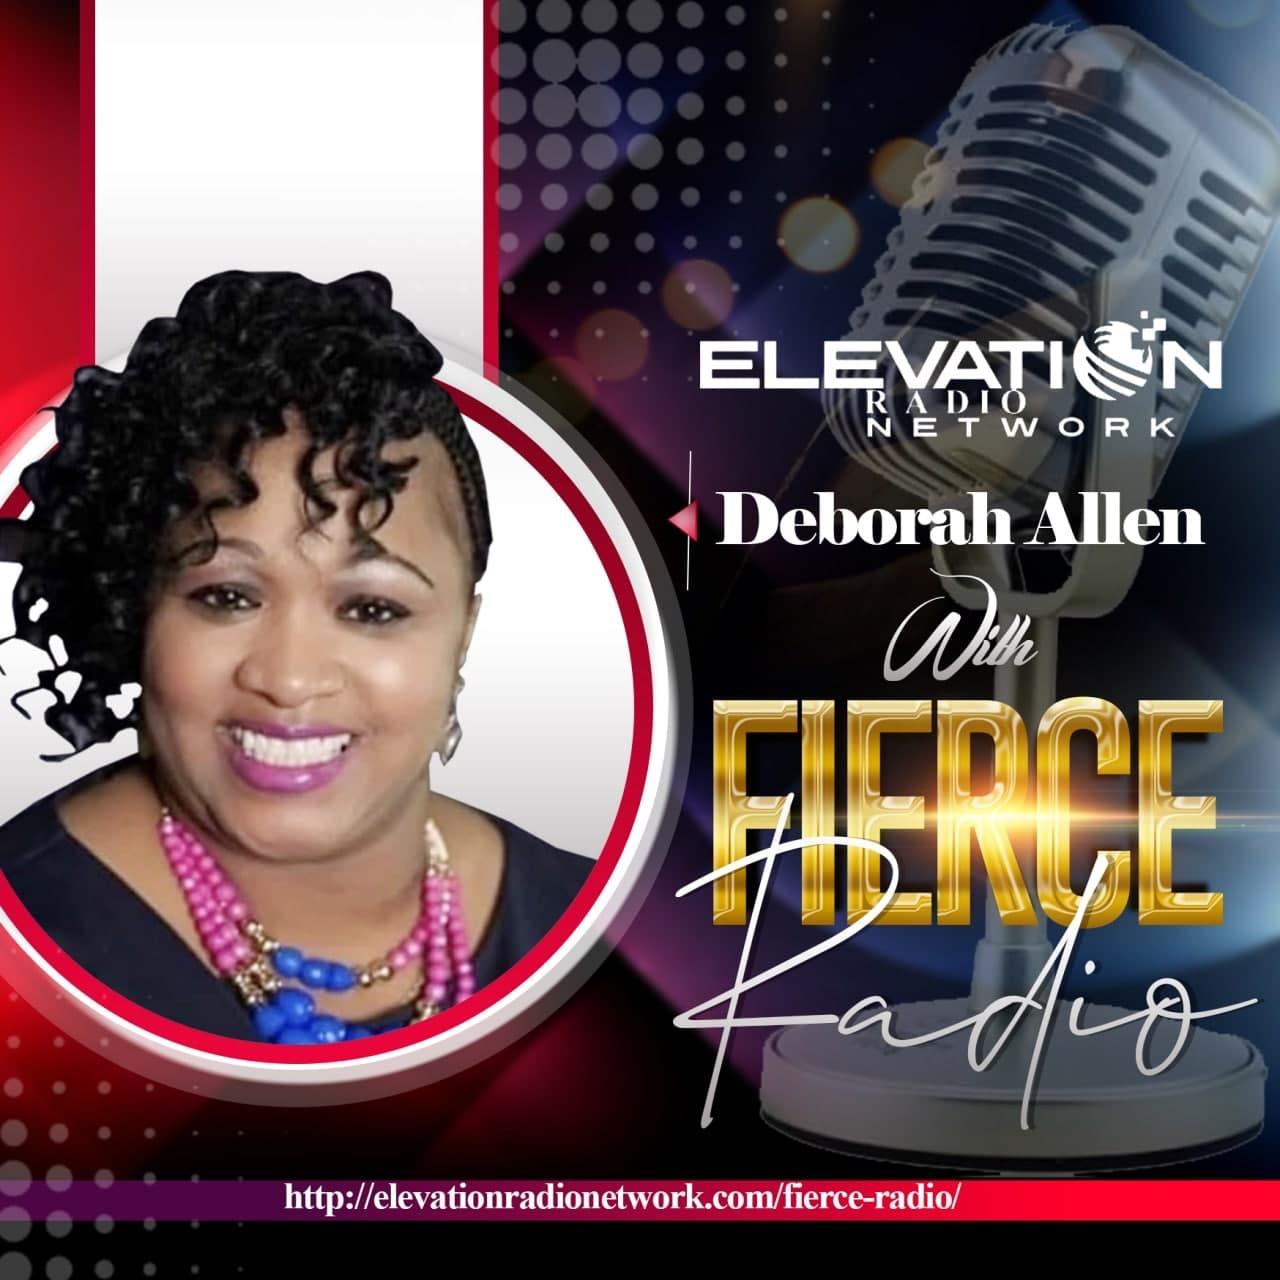 Prophetess Deborah Allen